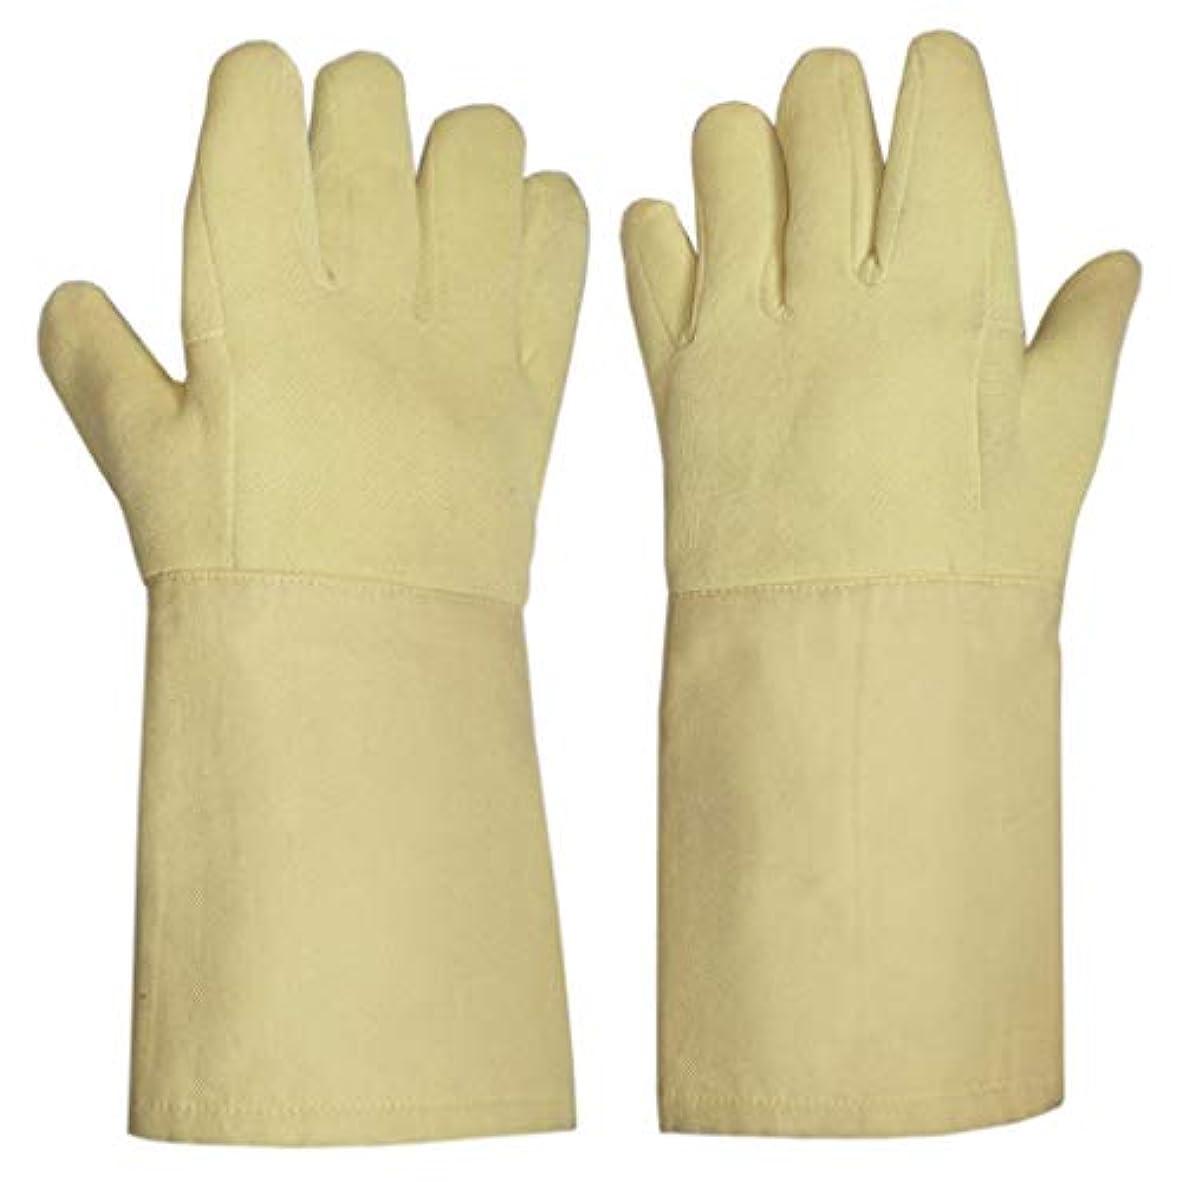 連合胚工夫するQCRLB カットプルーフ高温耐性手袋労働保護手袋切断保護手袋絶縁防滑性滑り止め14.5 * 38センチ ゴム手袋